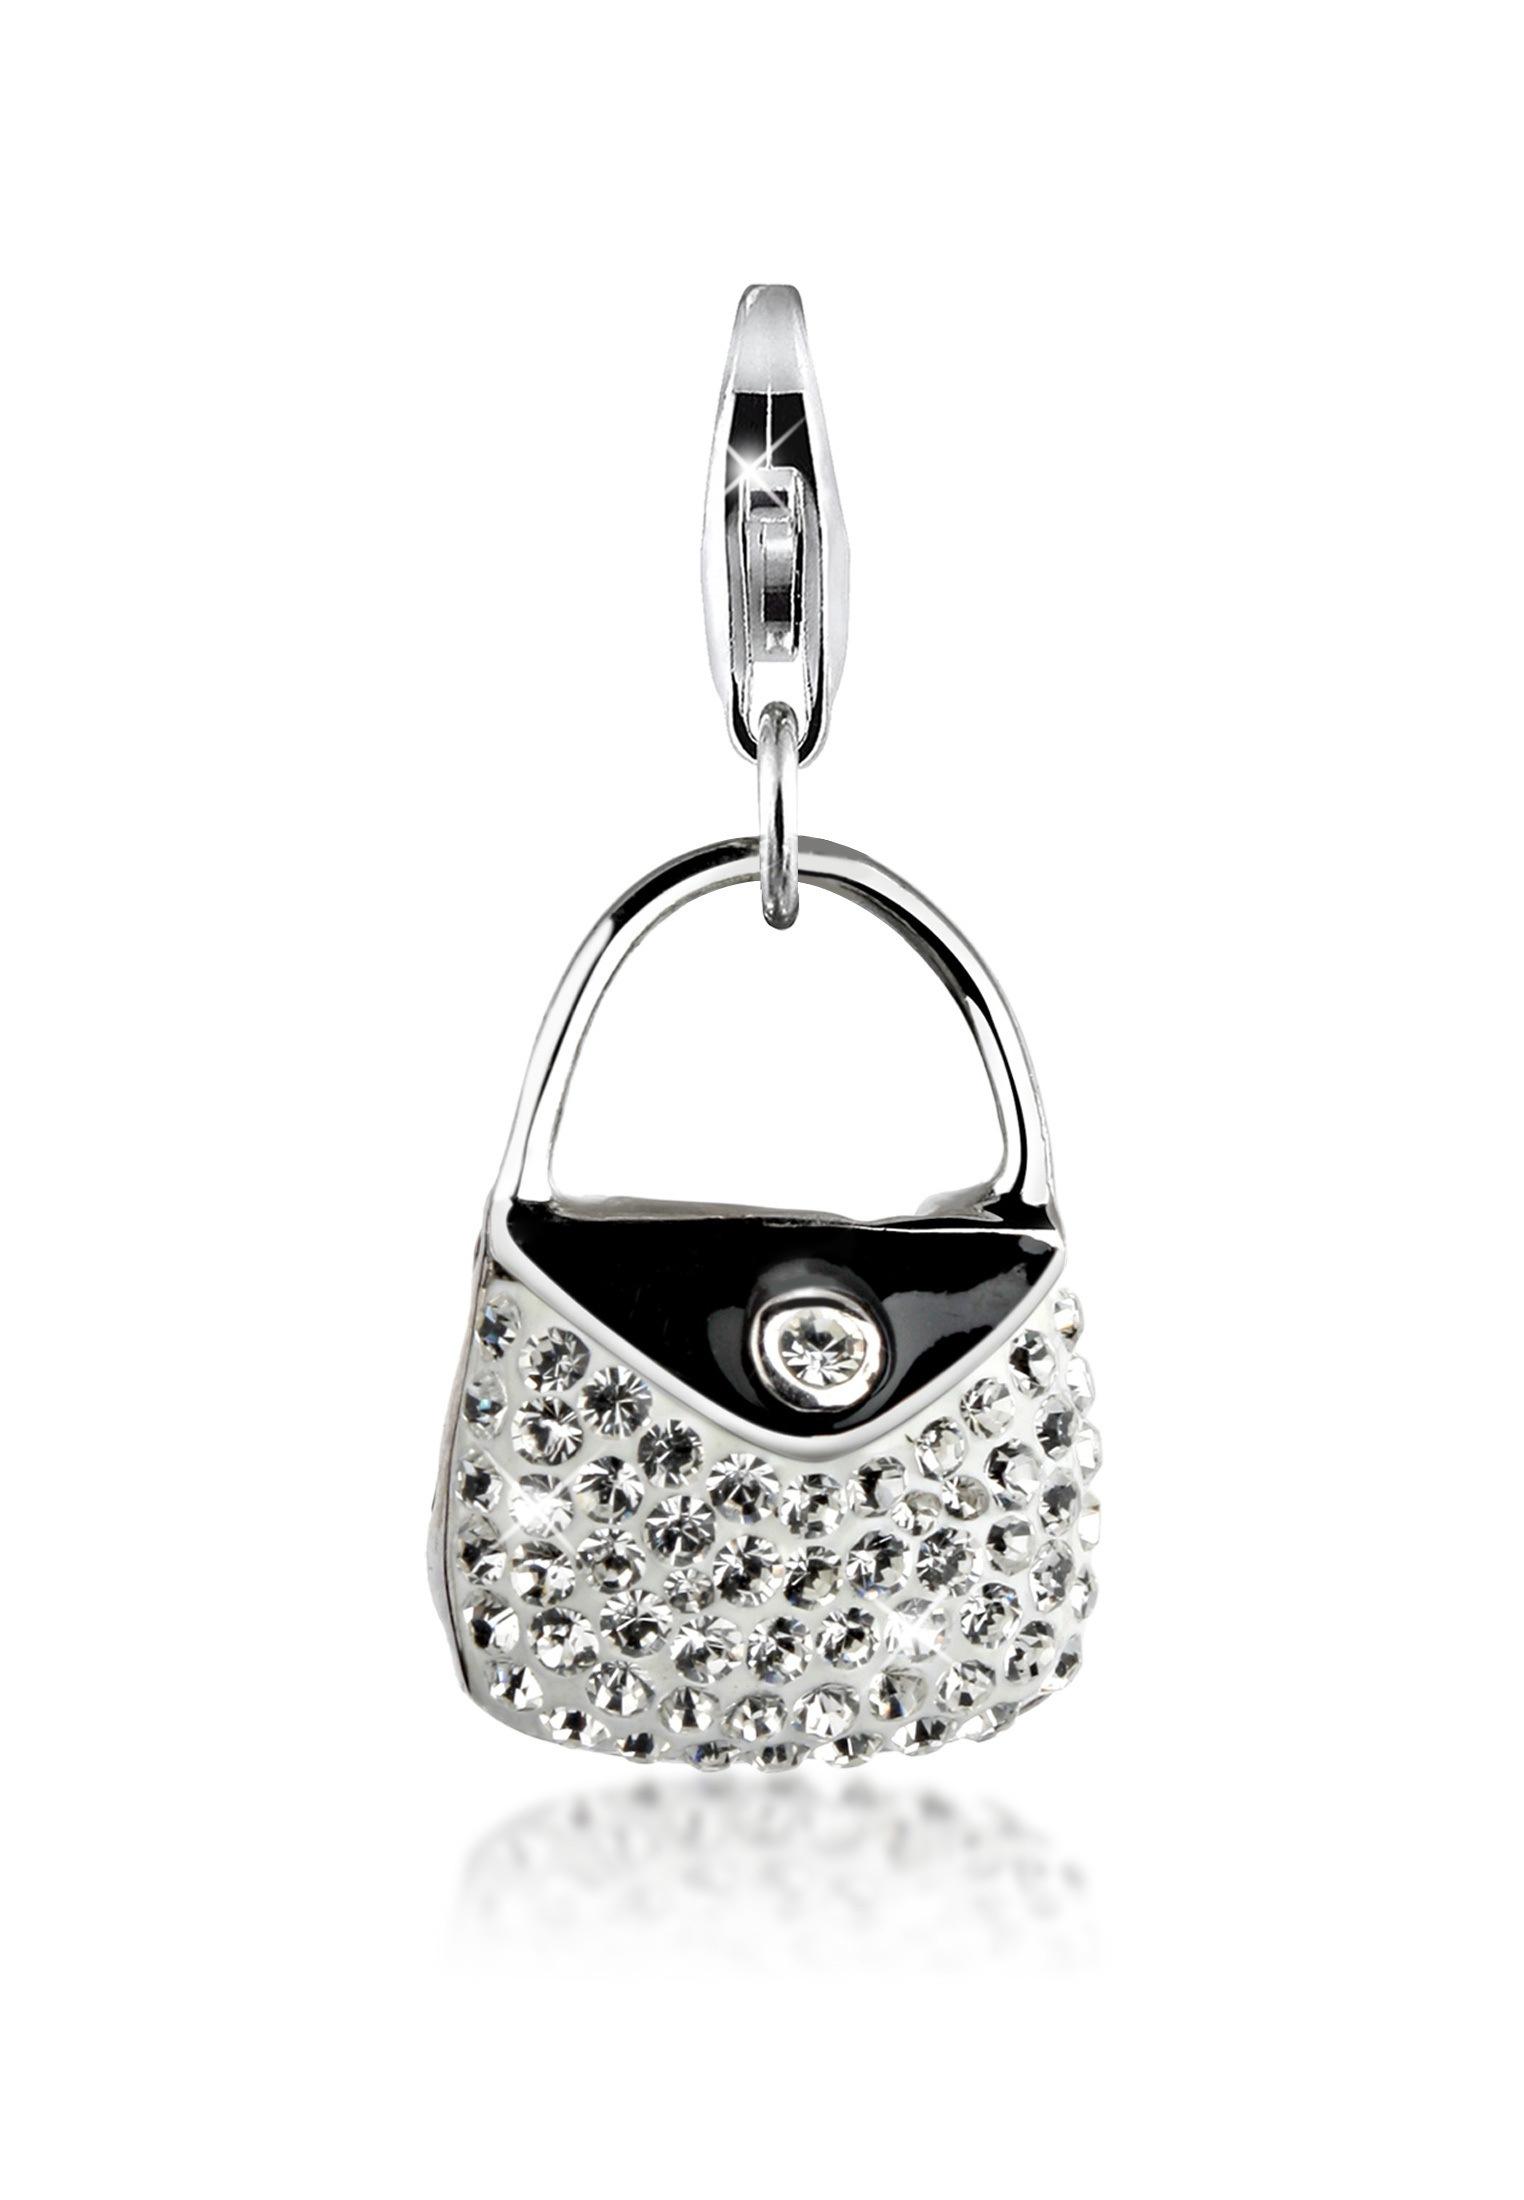 Nenalina Charm-Einhänger Handtasche Emaille Swarovski Kristalle 925 Silber   Schmuck > Charms > Charms Anhänger   Nenalina